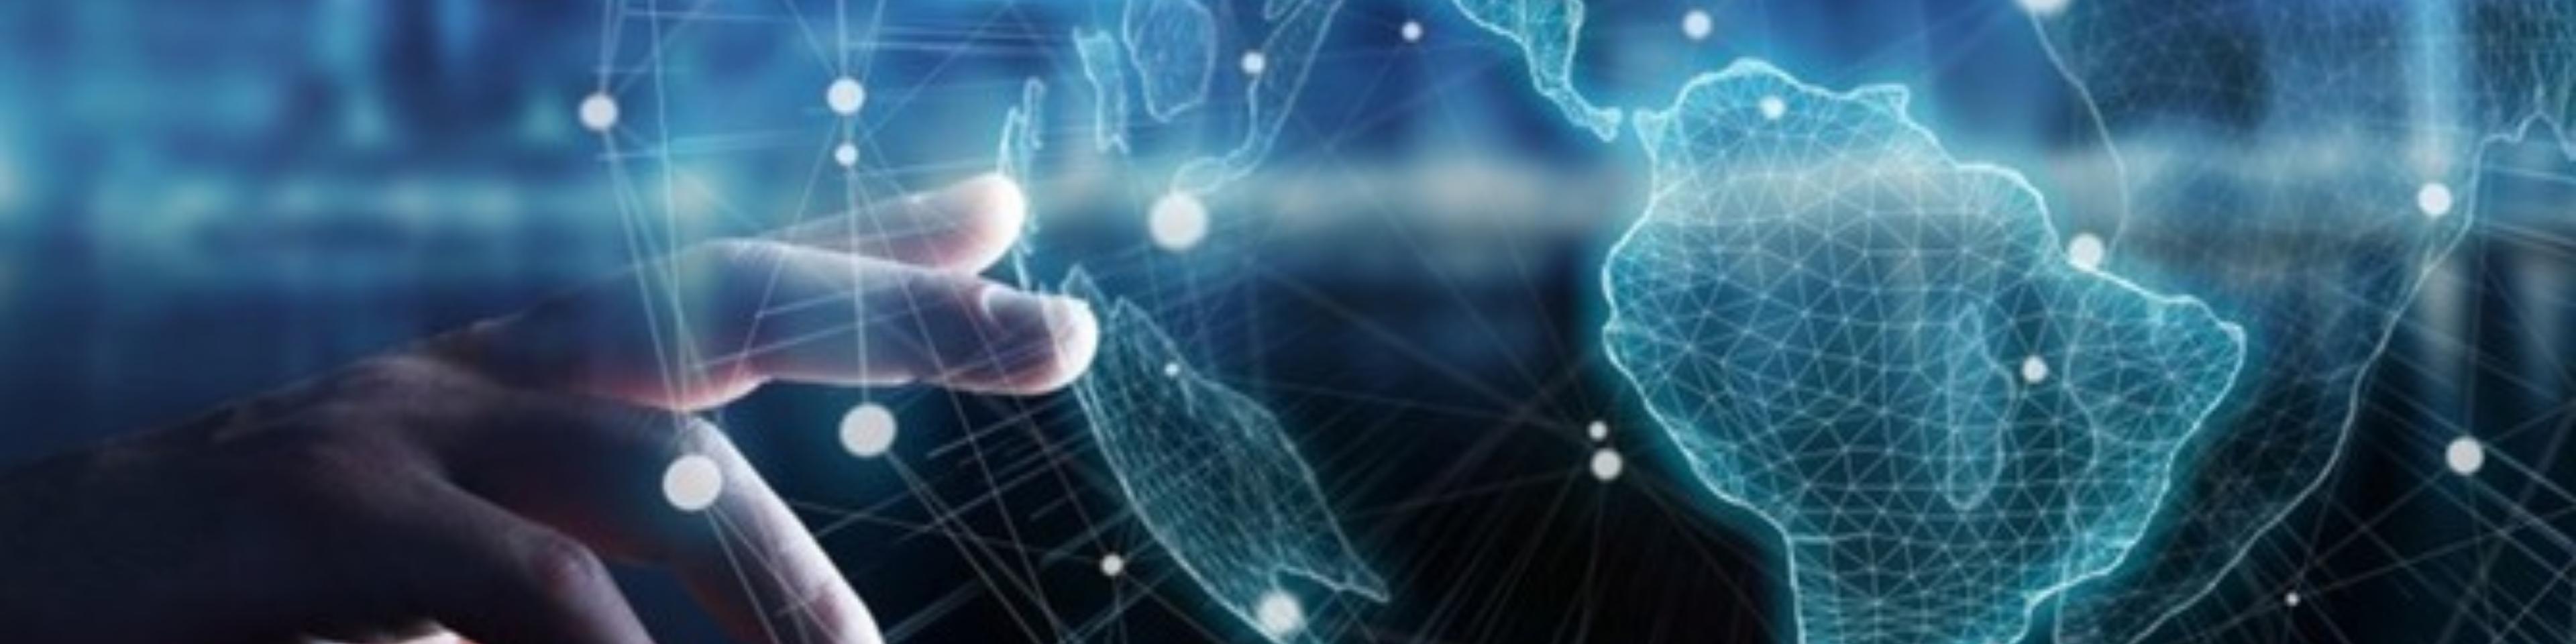 La crisis de la COVID cataliza la adopción de tecnología jurídica en los despachos de abogados